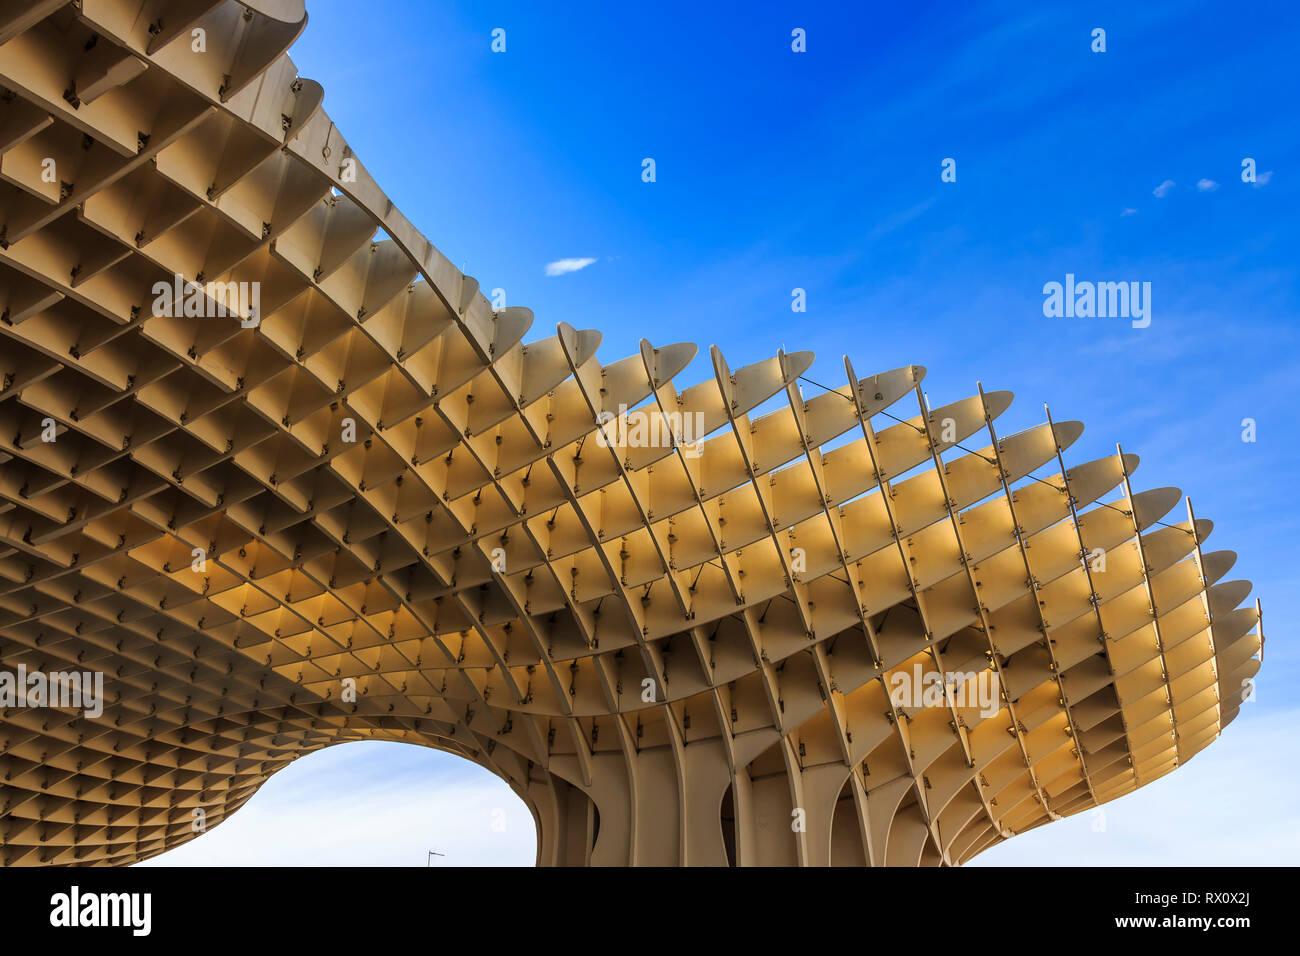 Séville, Espagne - Dec 2018: bas en haut Vue de champignons de Séville , également connu sous le Metropol Parasol. Il a été conçu par l'architecte allemand Jurgen peut Banque D'Images